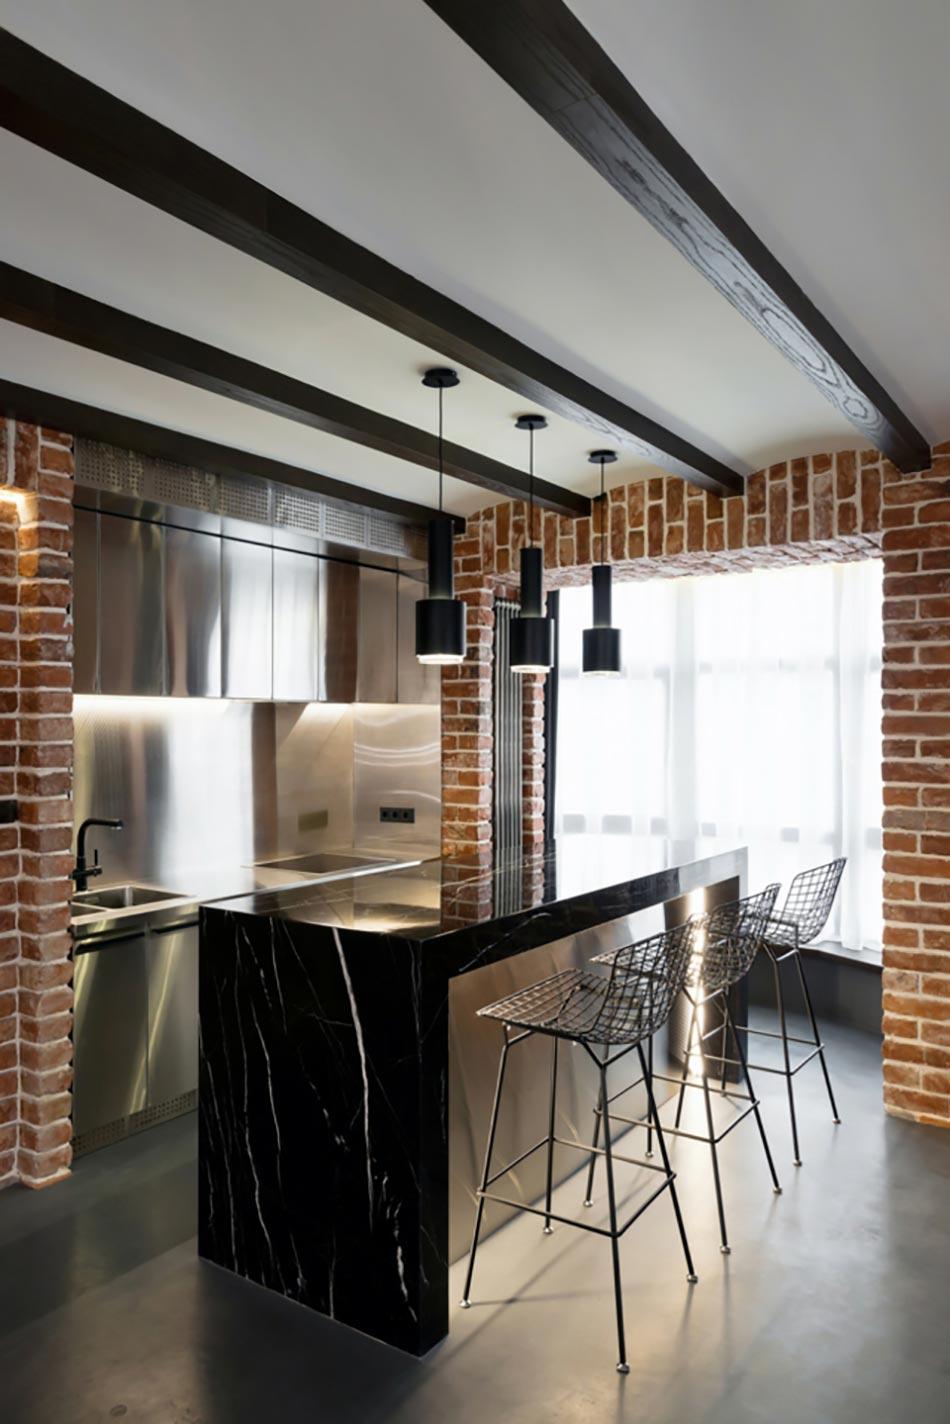 12 concepts de cuisine moderne vus par des designers russes design feria - Eclairage loft industriel ...